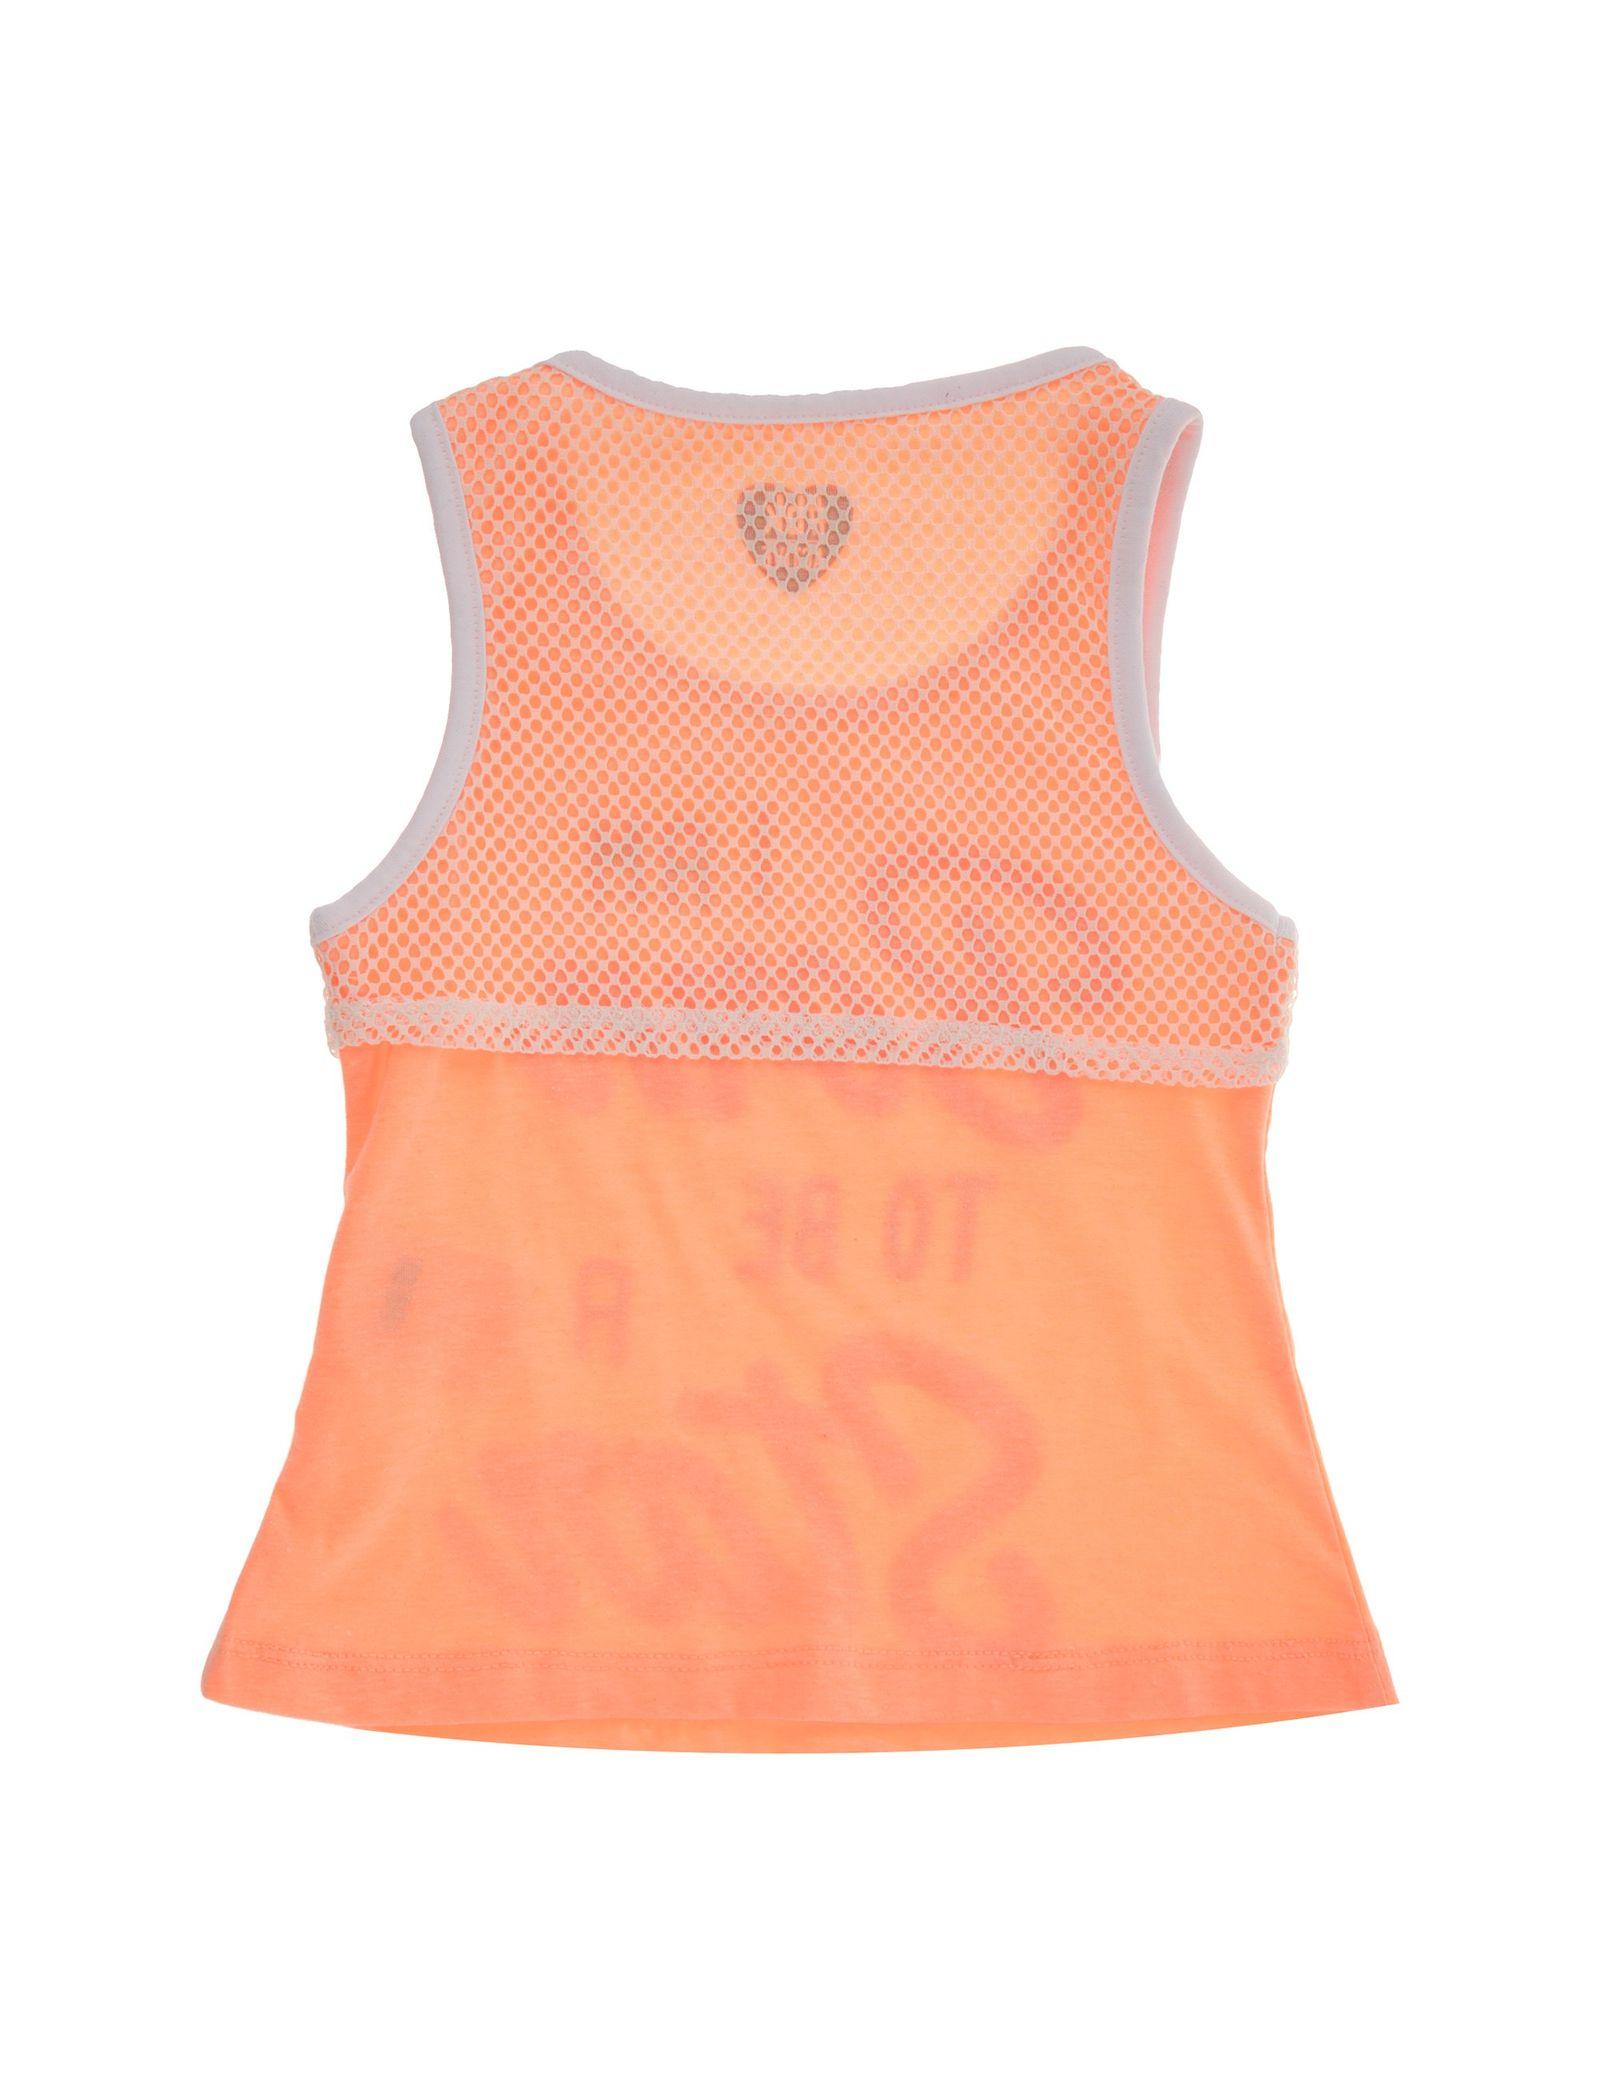 تاپ و شلوارک دخترانه - بلوکیدز - نارنجي و مشکي - 6